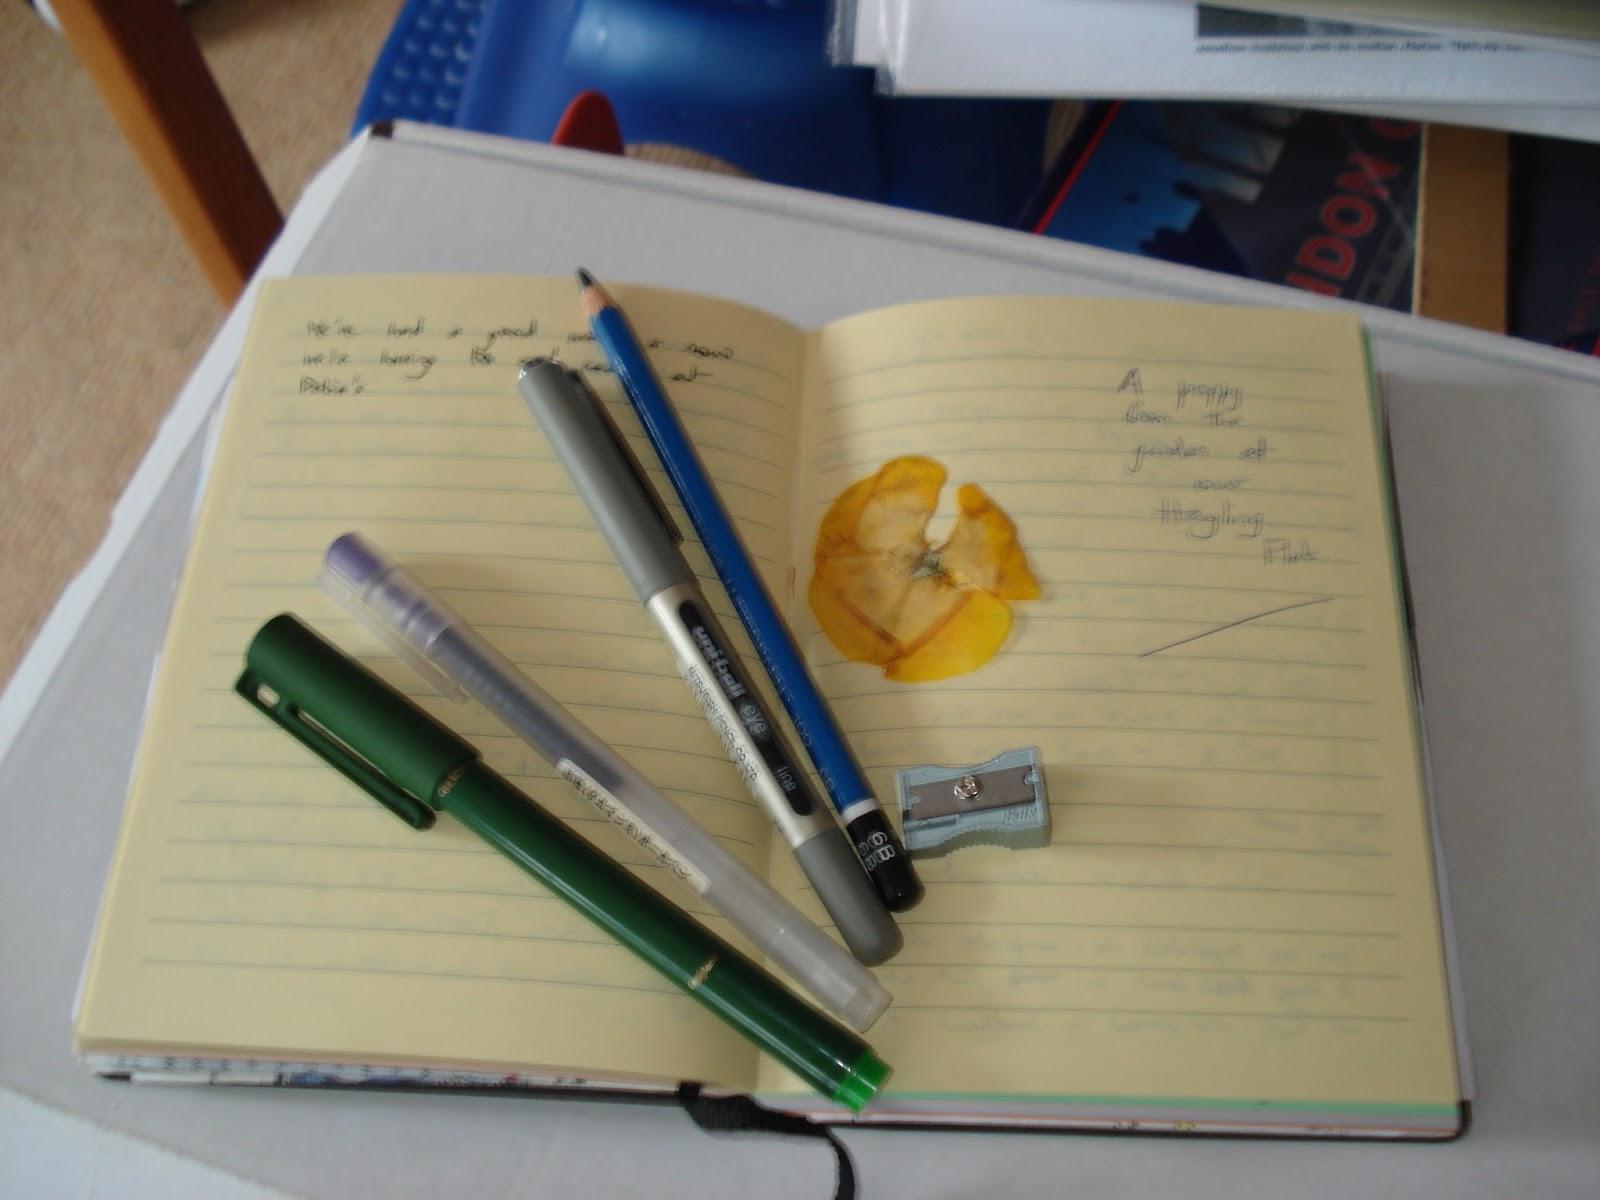 http://3.bp.blogspot.com/-mLHruEXuhPw/UPFBgD1ShFI/AAAAAAAAA-Q/_FO2B2ftIpU/s1600/book3.JPG